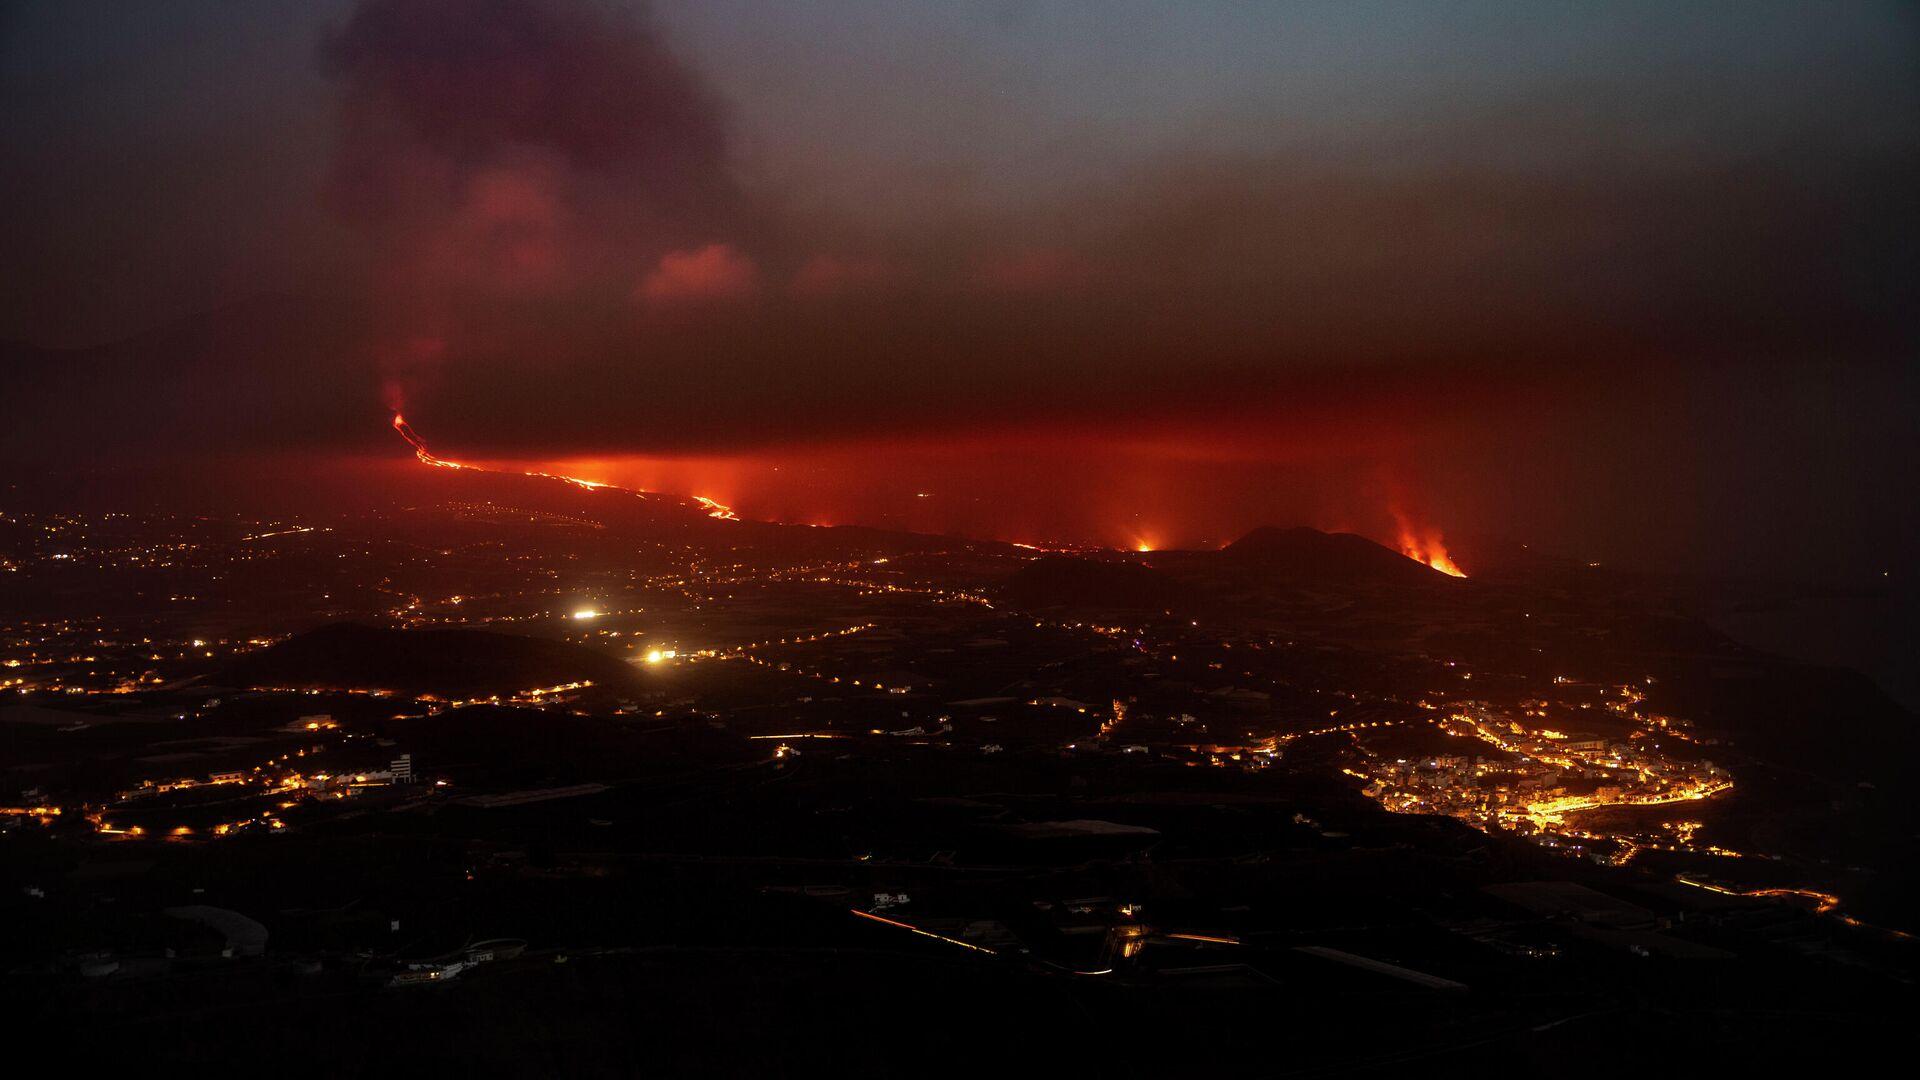 Vista aérea de la columna de humo y lava del volcán de Cumbre Vieja a su llegada al Océano Atlántico, a 28 de septiembre de 2021, en La Palma, Santa Cruz de Tenerife, Islas Canarias, (España) - Sputnik Mundo, 1920, 29.09.2021